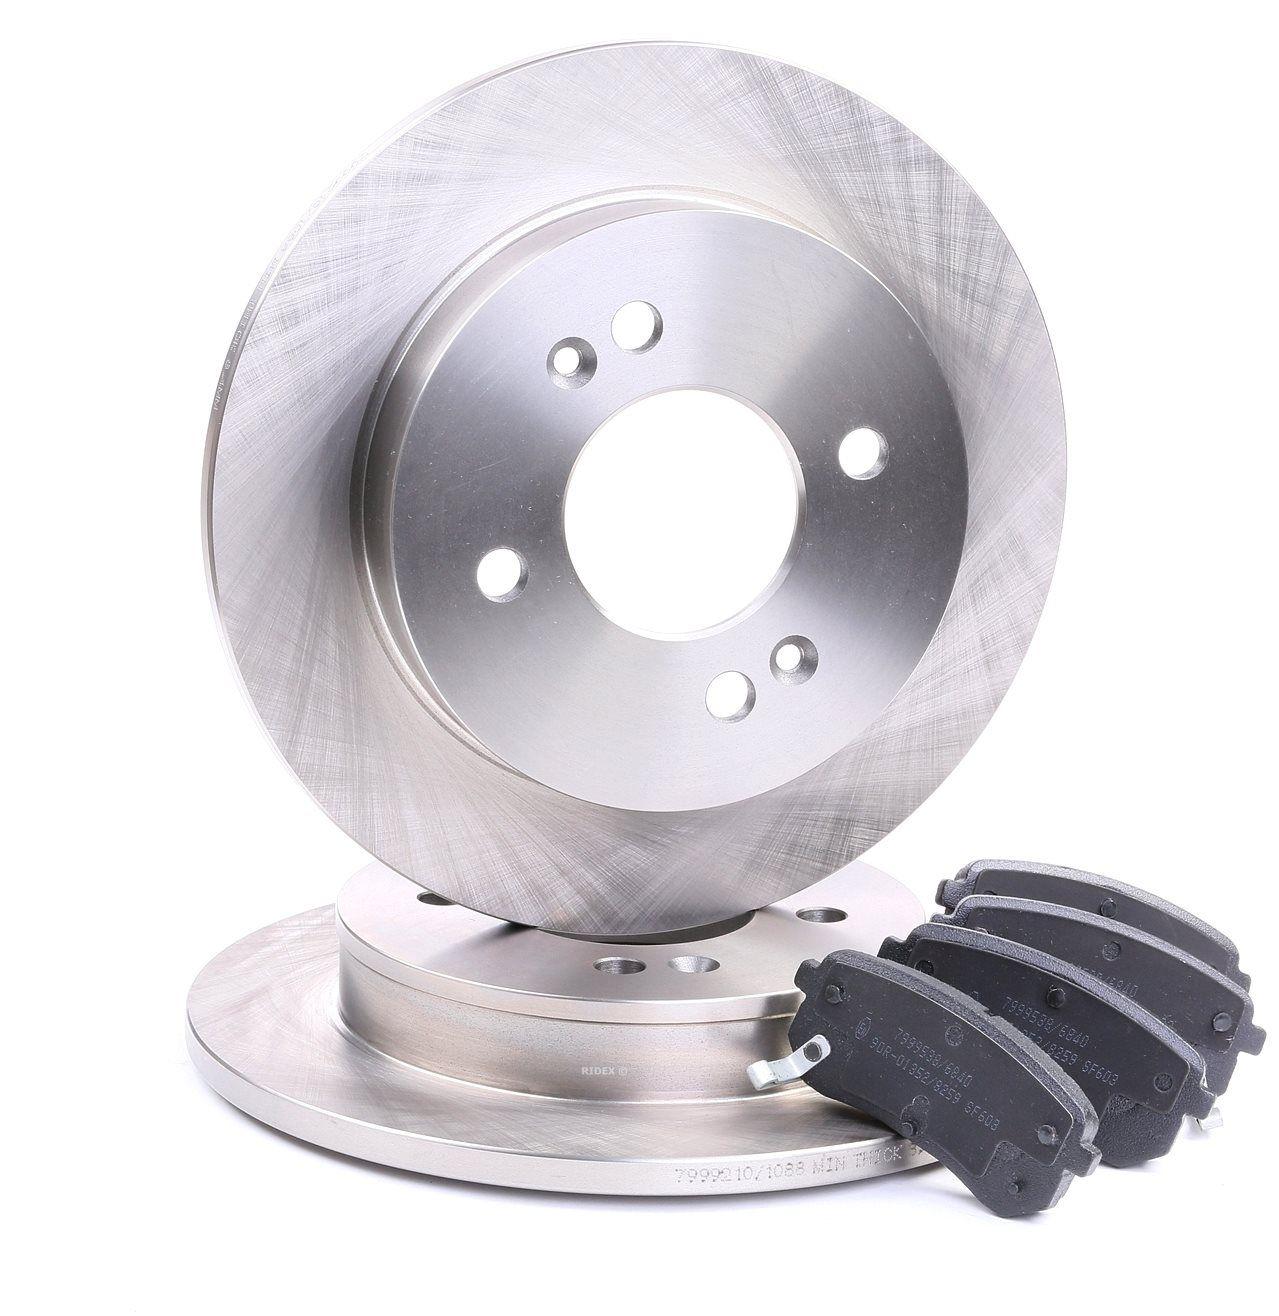 RIDEX: Original Bremsscheiben und Klötze 3405B0111 (Bremsscheibendicke: 10mm)